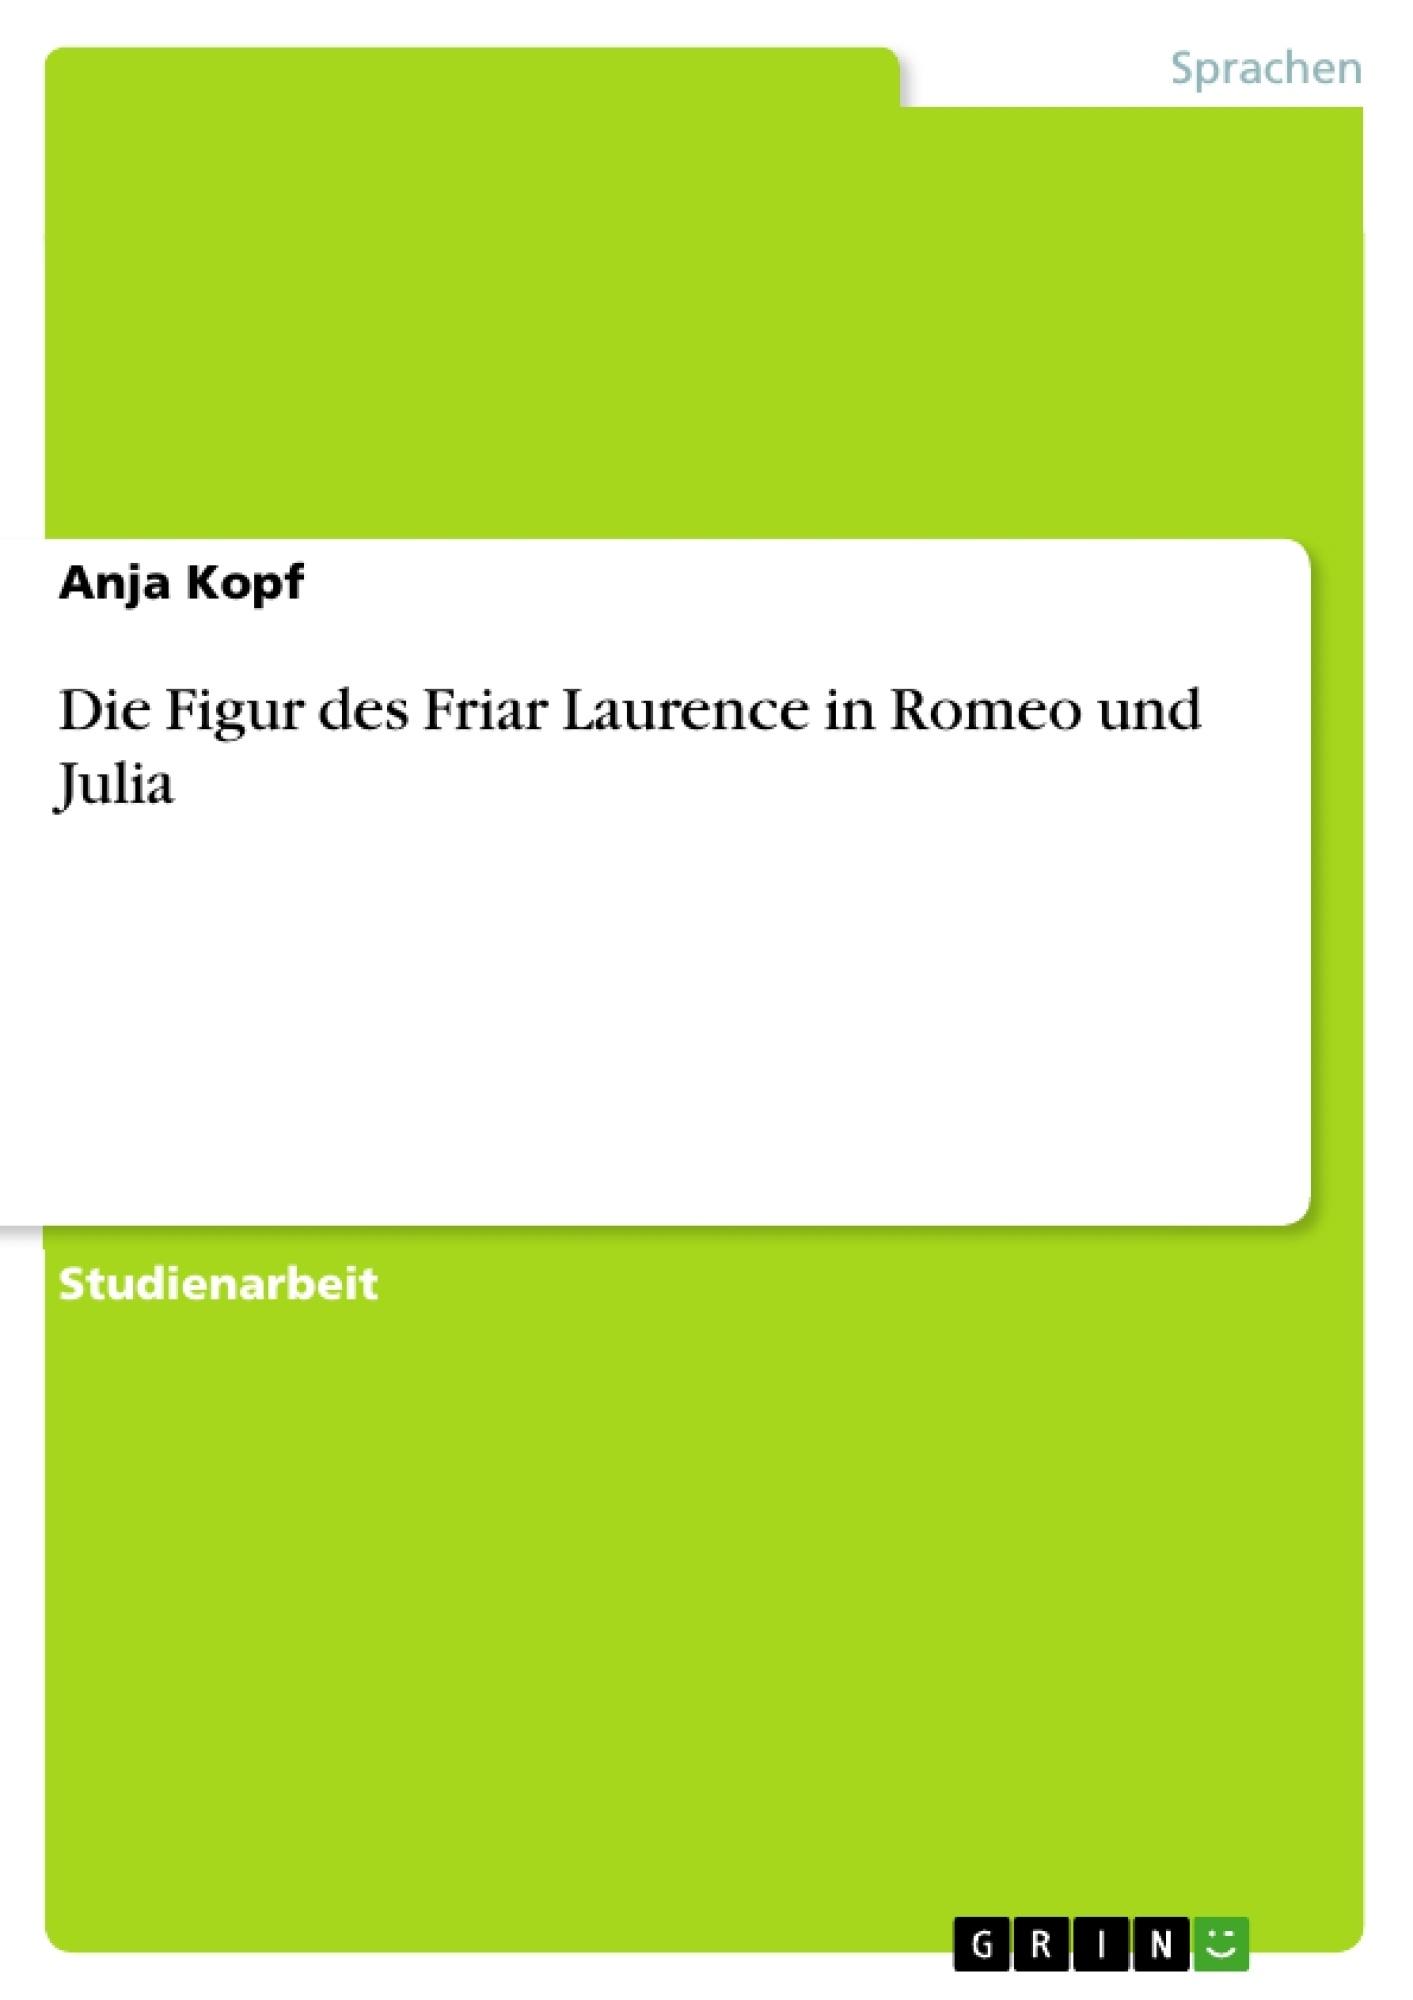 Titel: Die Figur des Friar Laurence in Romeo und Julia